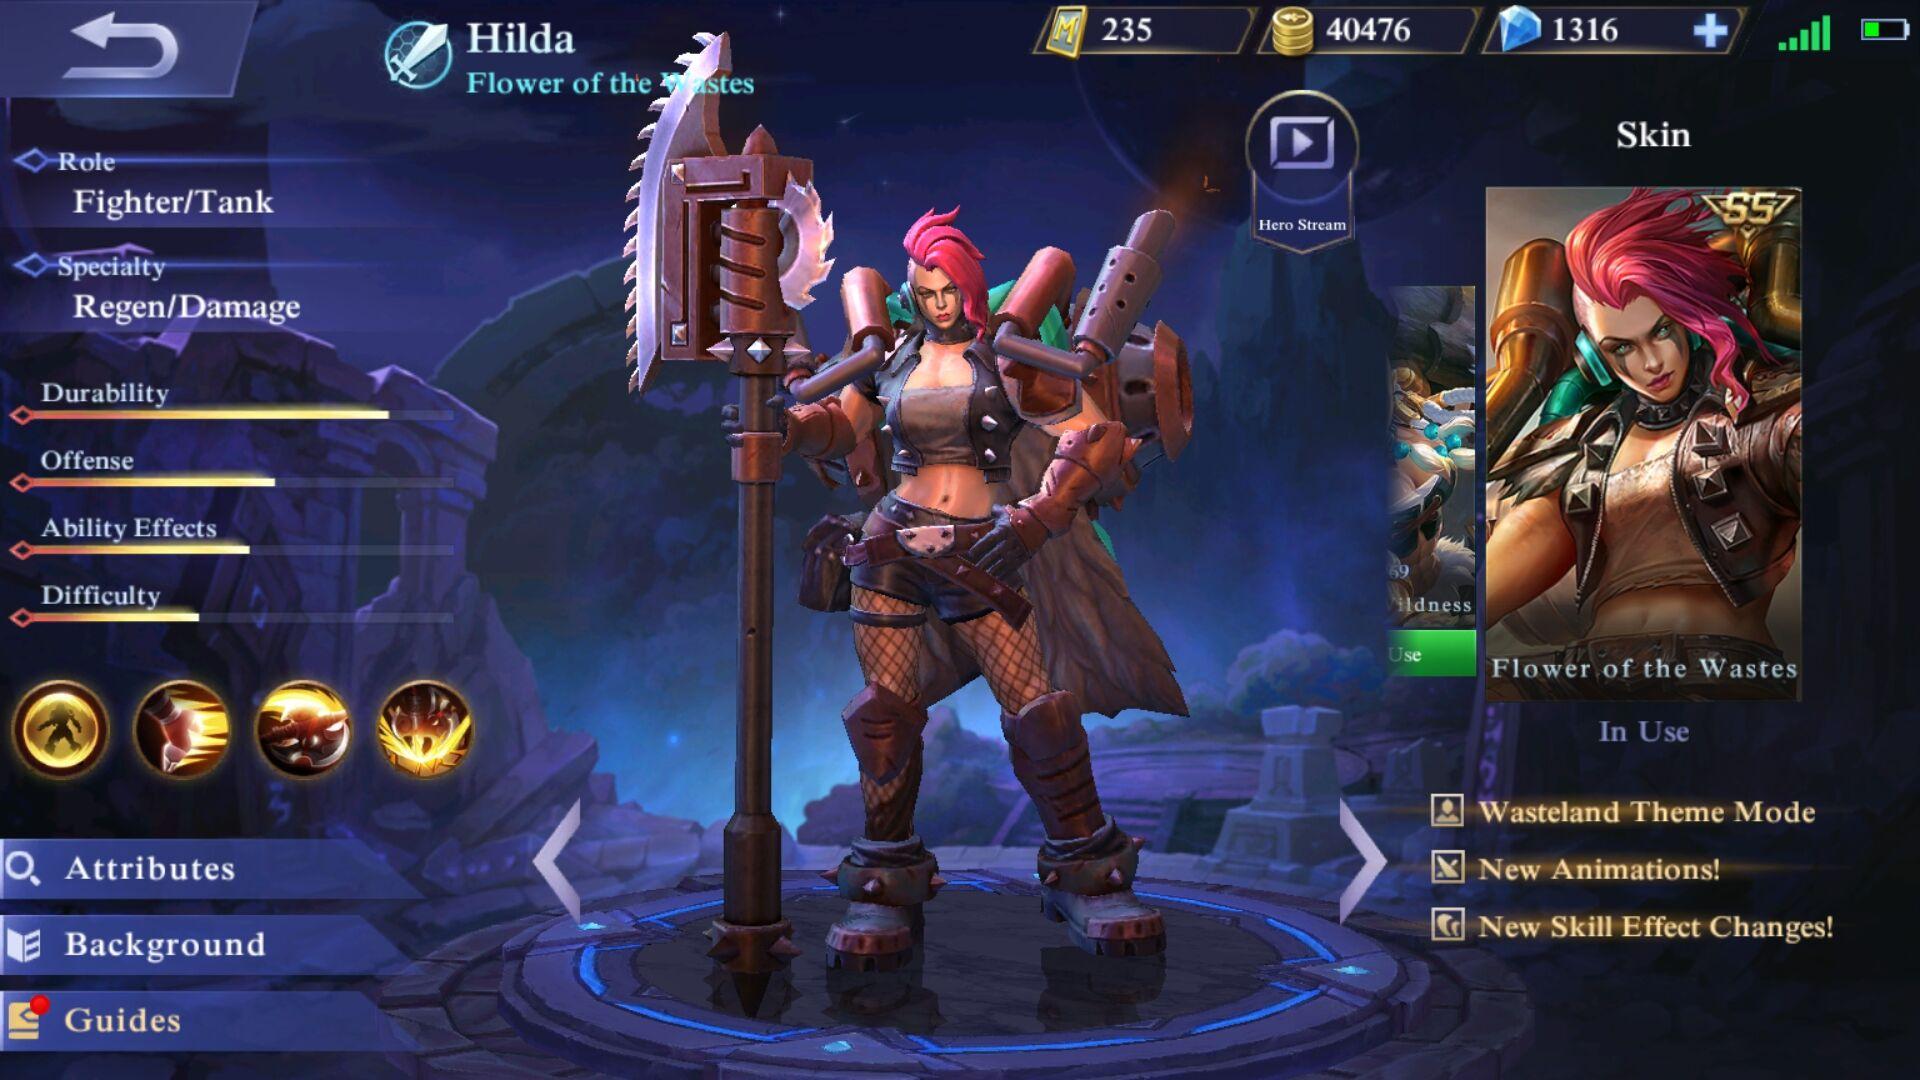 Hero Cewek Mobile Legends 1